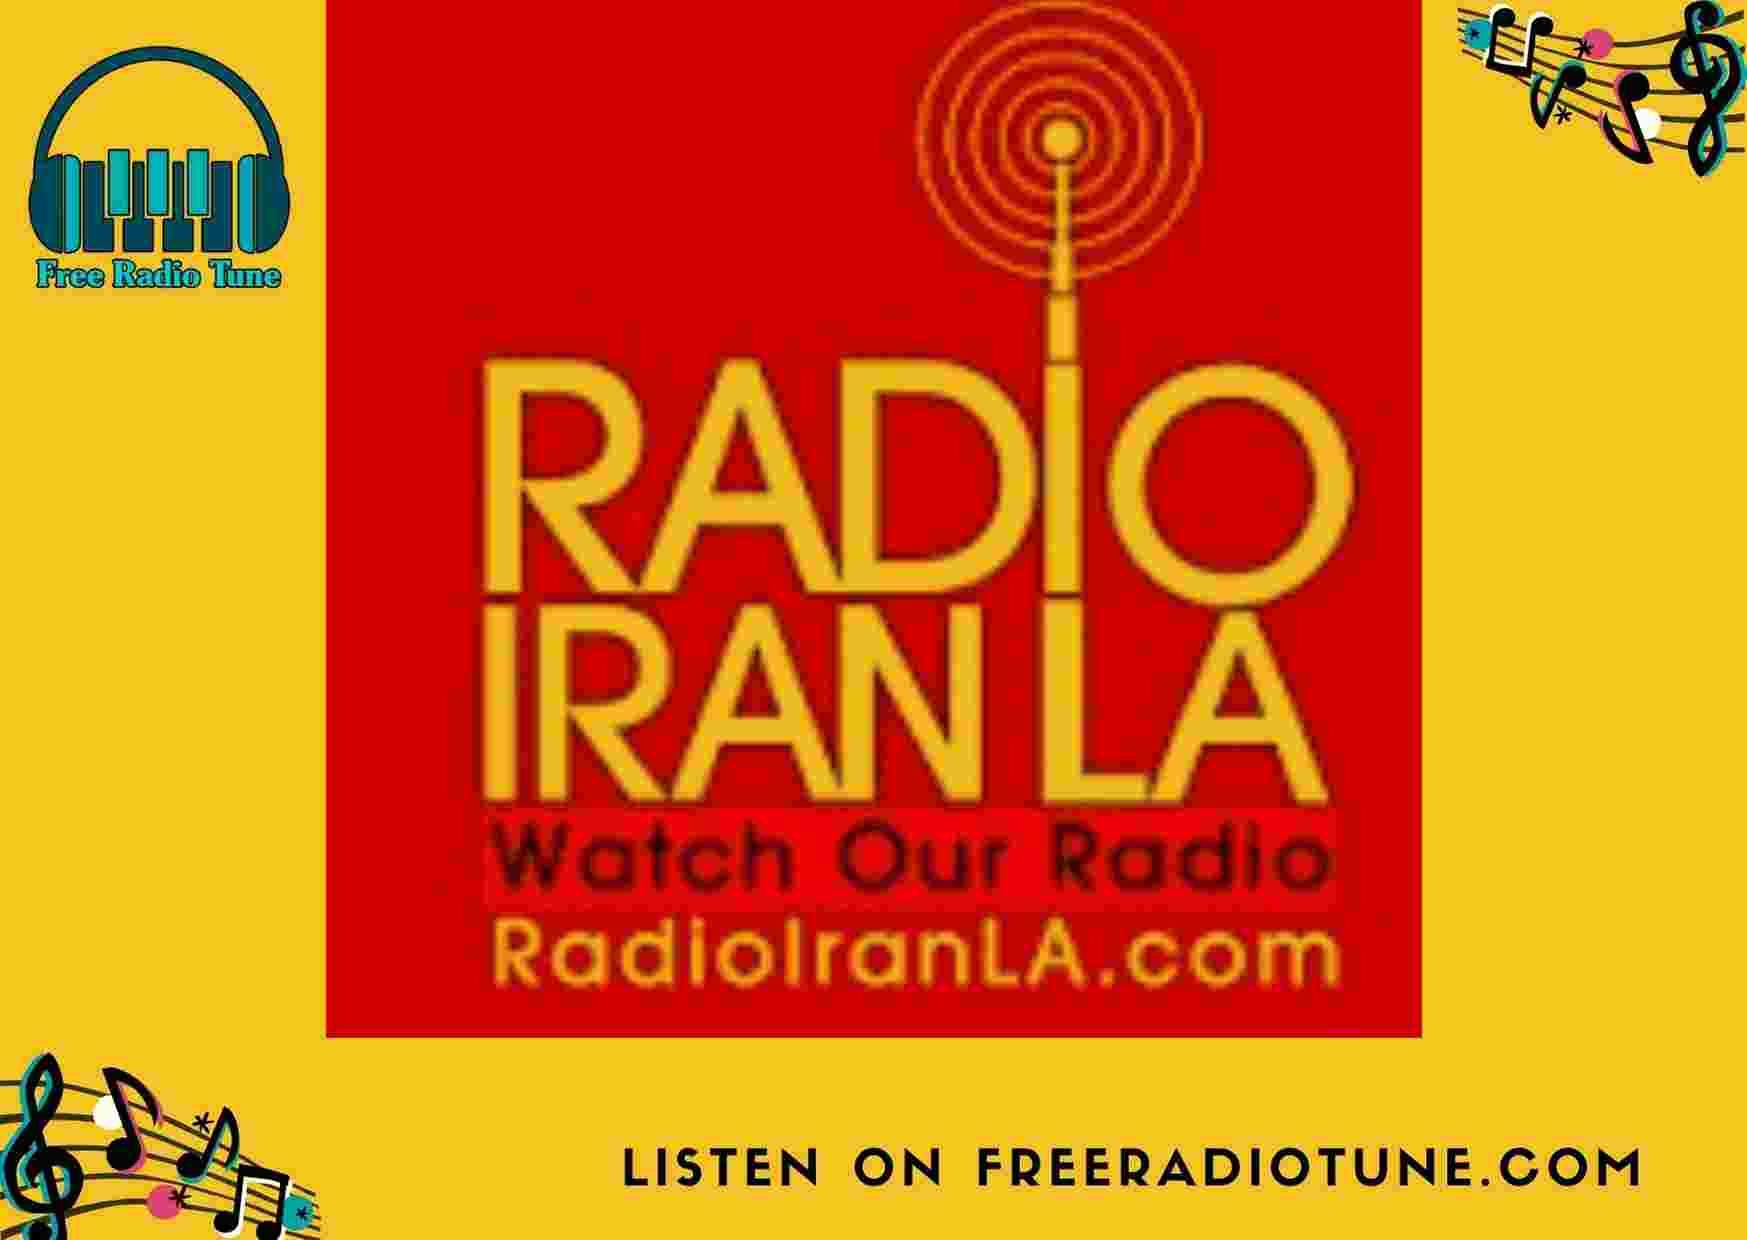 Radio Iran La Live Broadcast